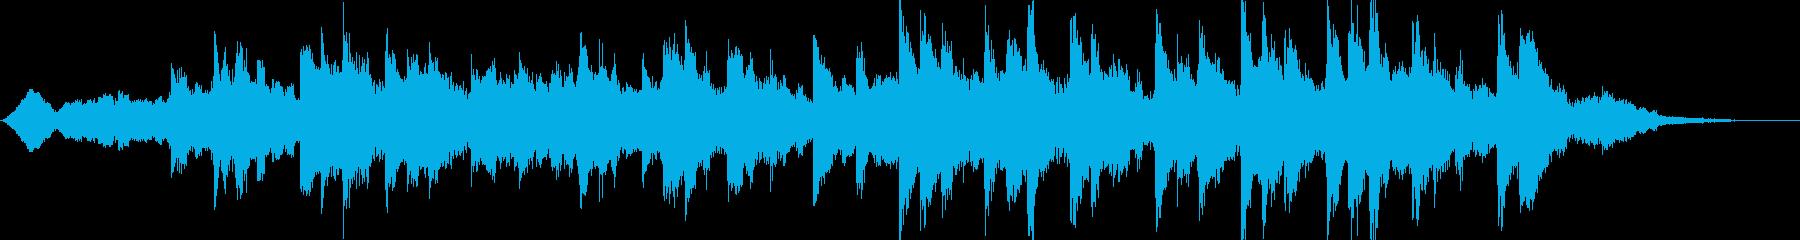 不気味ピアノの不協和音が印象的の再生済みの波形